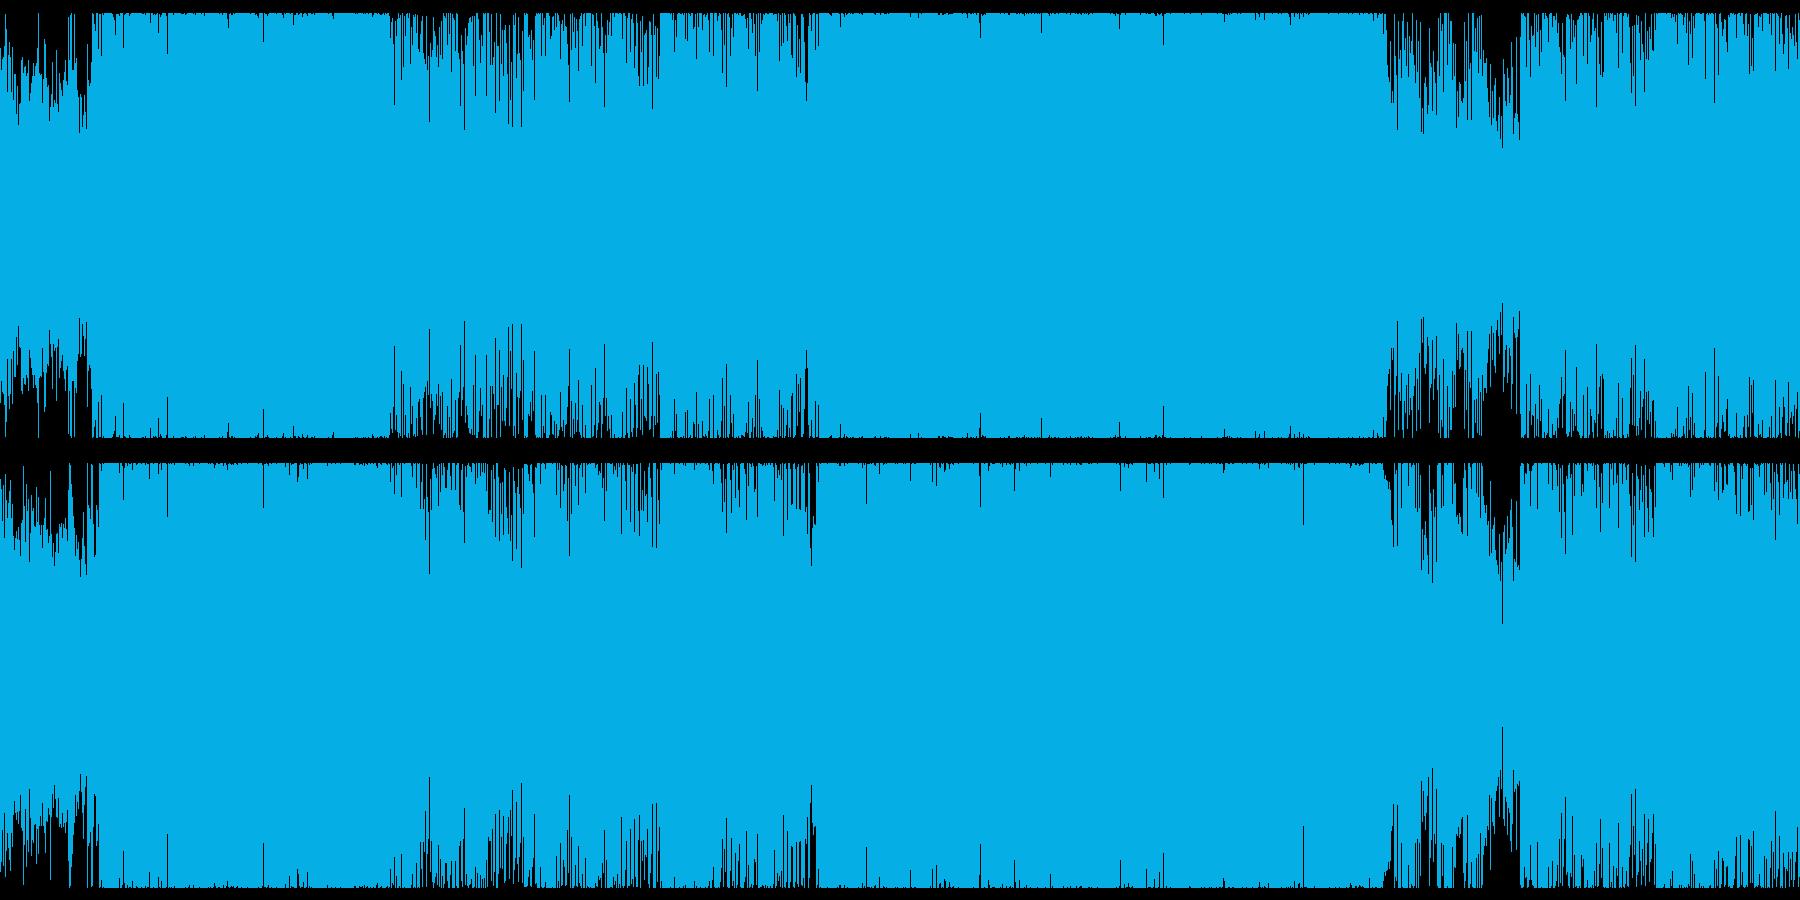 メロディアスで疾走感のある戦闘曲ループの再生済みの波形